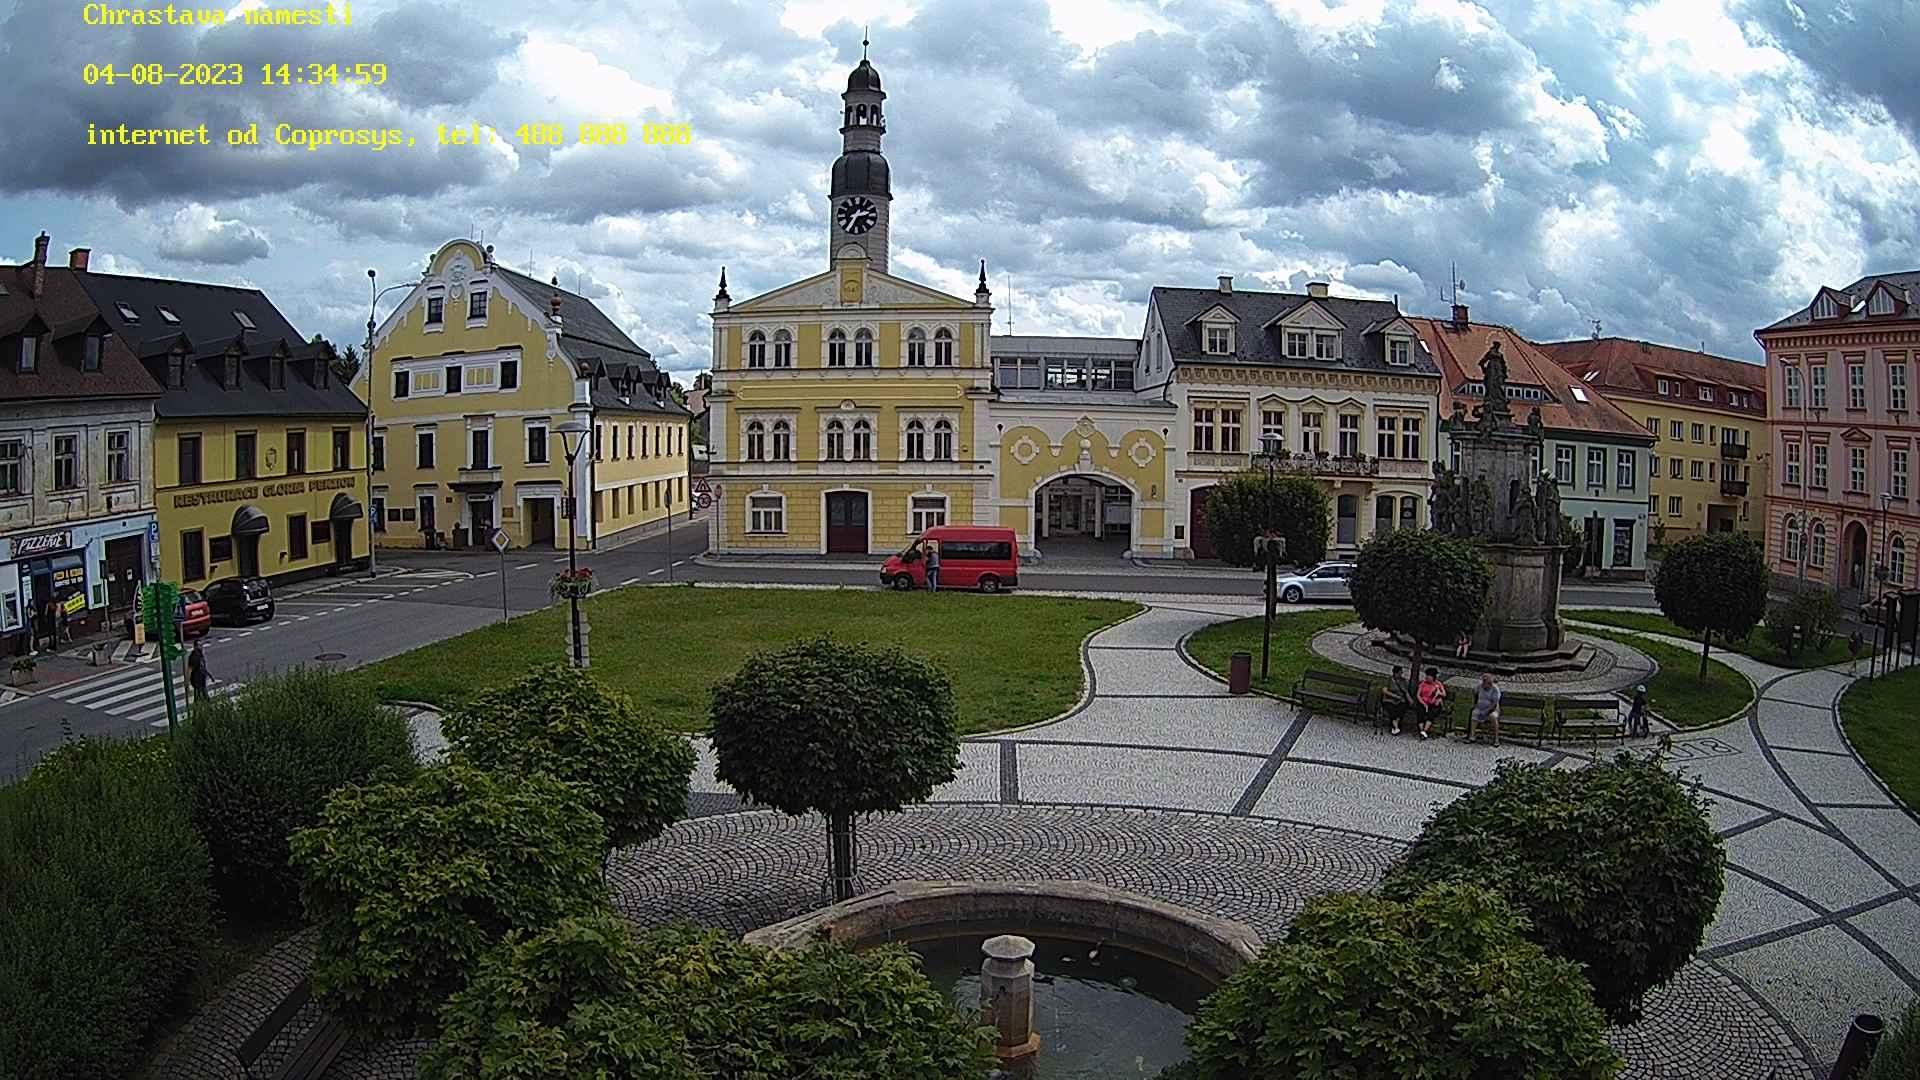 foto z kamery na náměstí